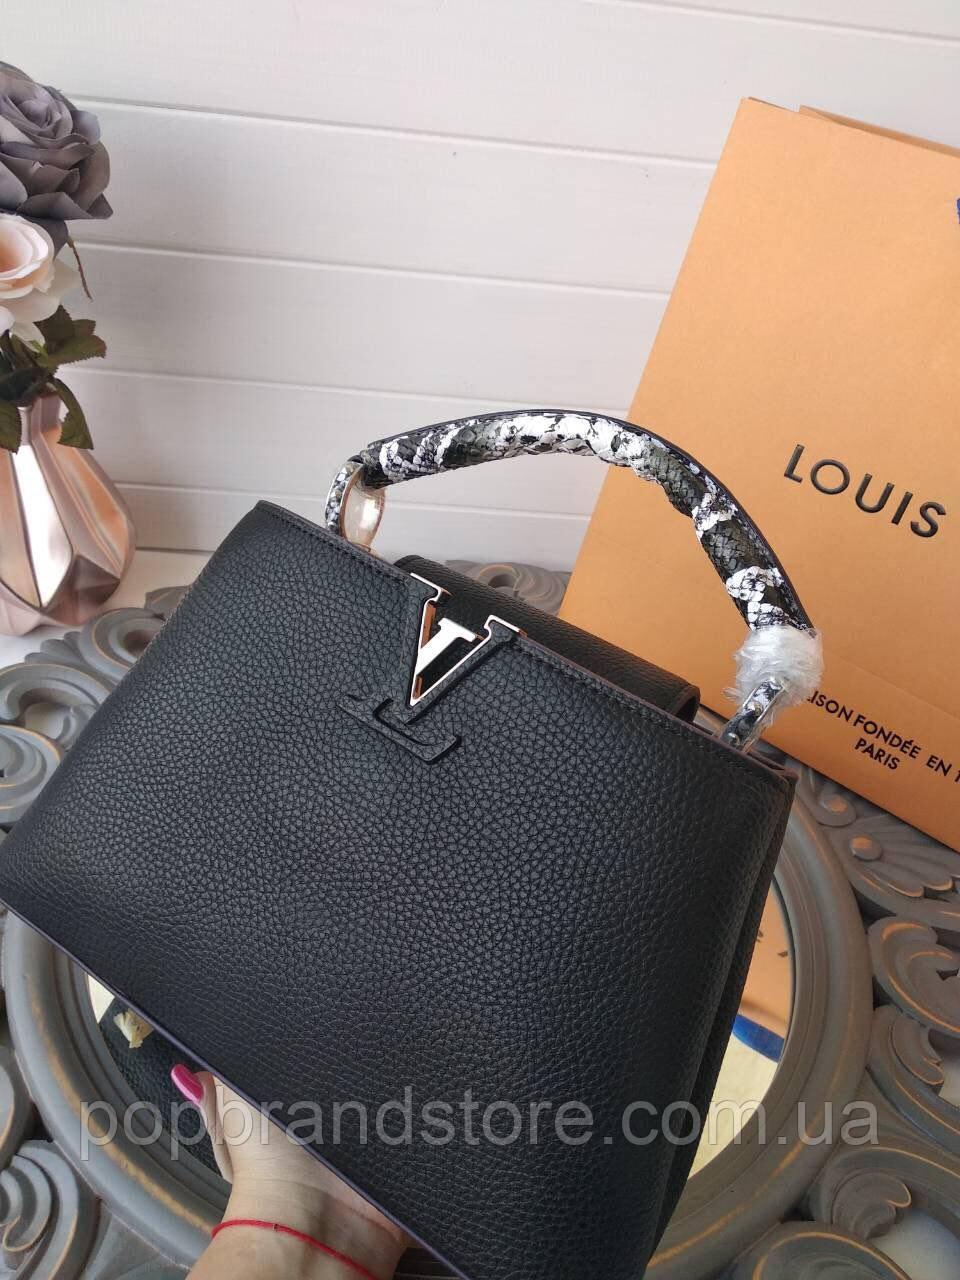 Модная женская сумка LOUIS VUITTON  CAPUCINES 27 см натуральная кожа (реплика), фото 1